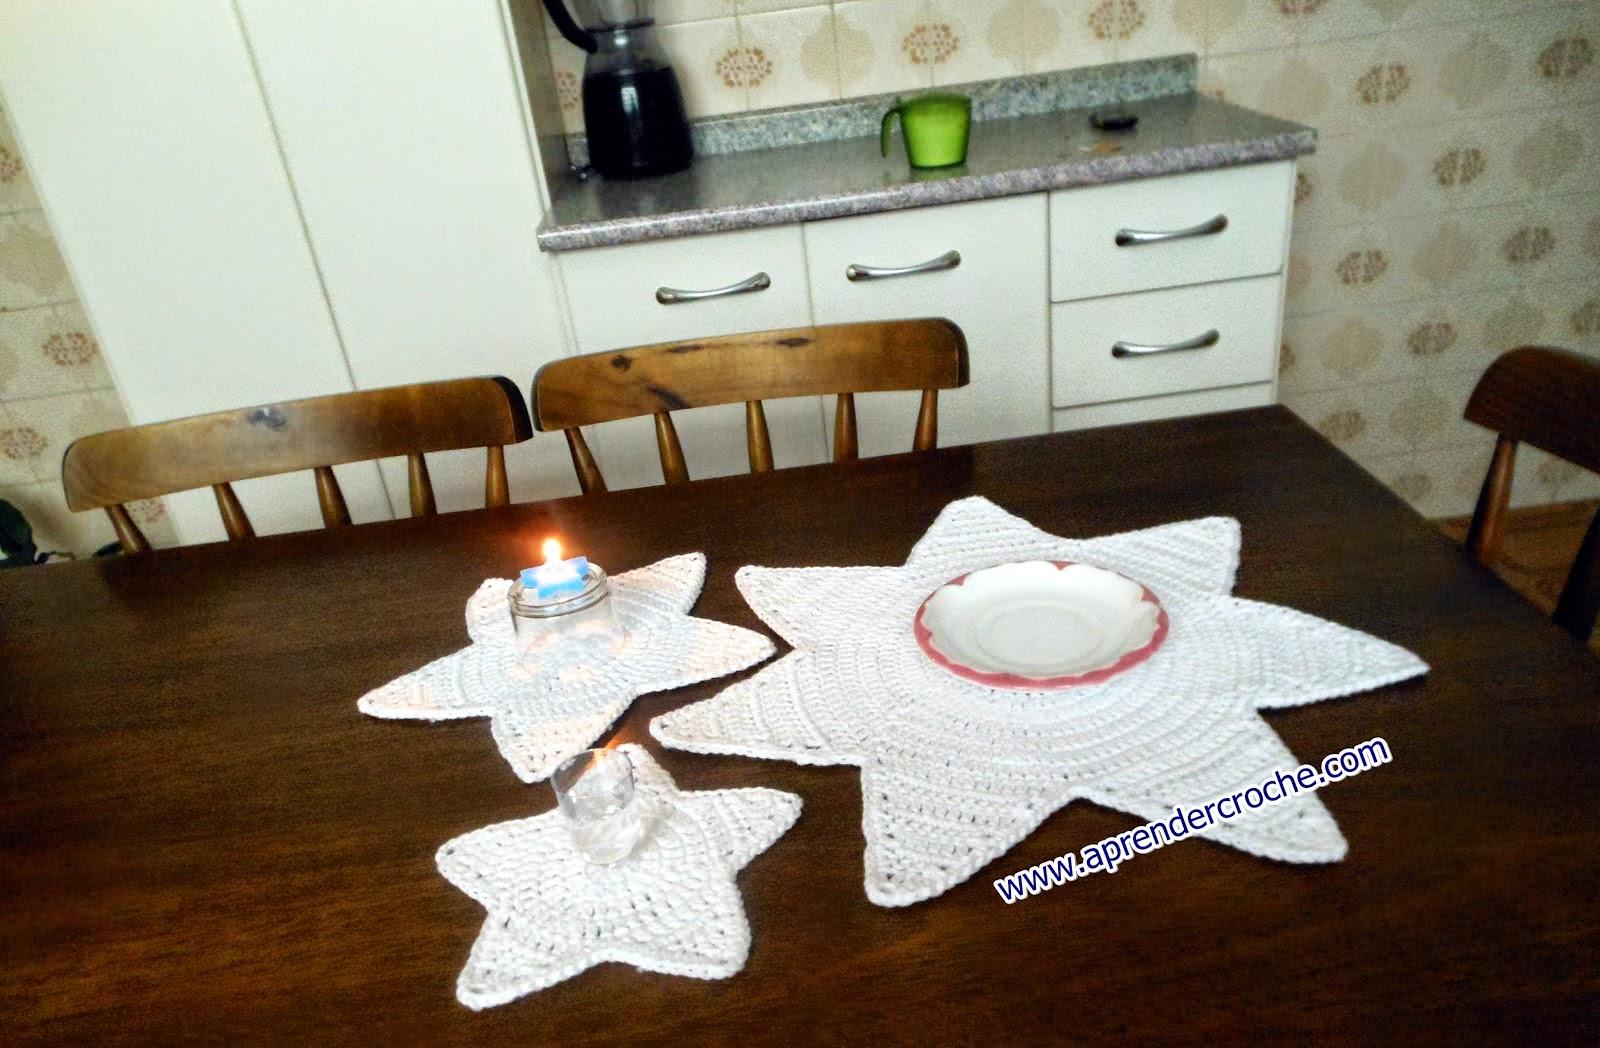 aprender croche estrelas americanos réveillon mesa edinir-croche loja dvd video-aulas curso de croche frete gratis